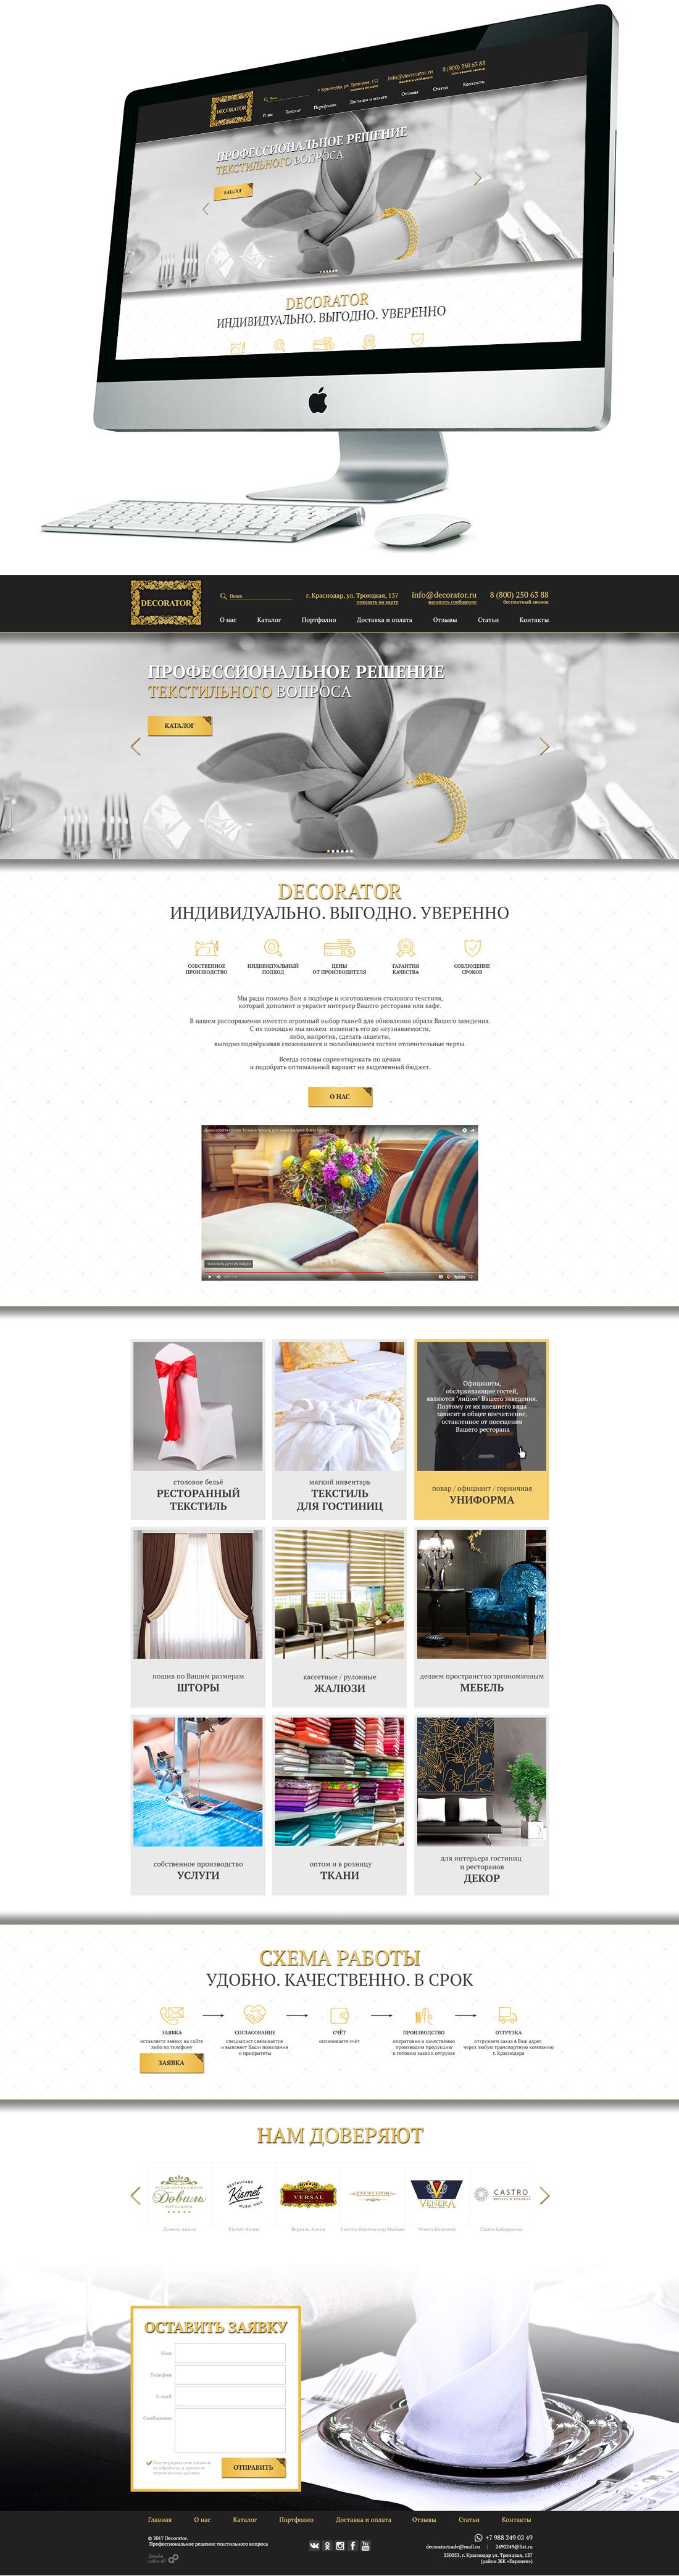 decorator_site_dizajn